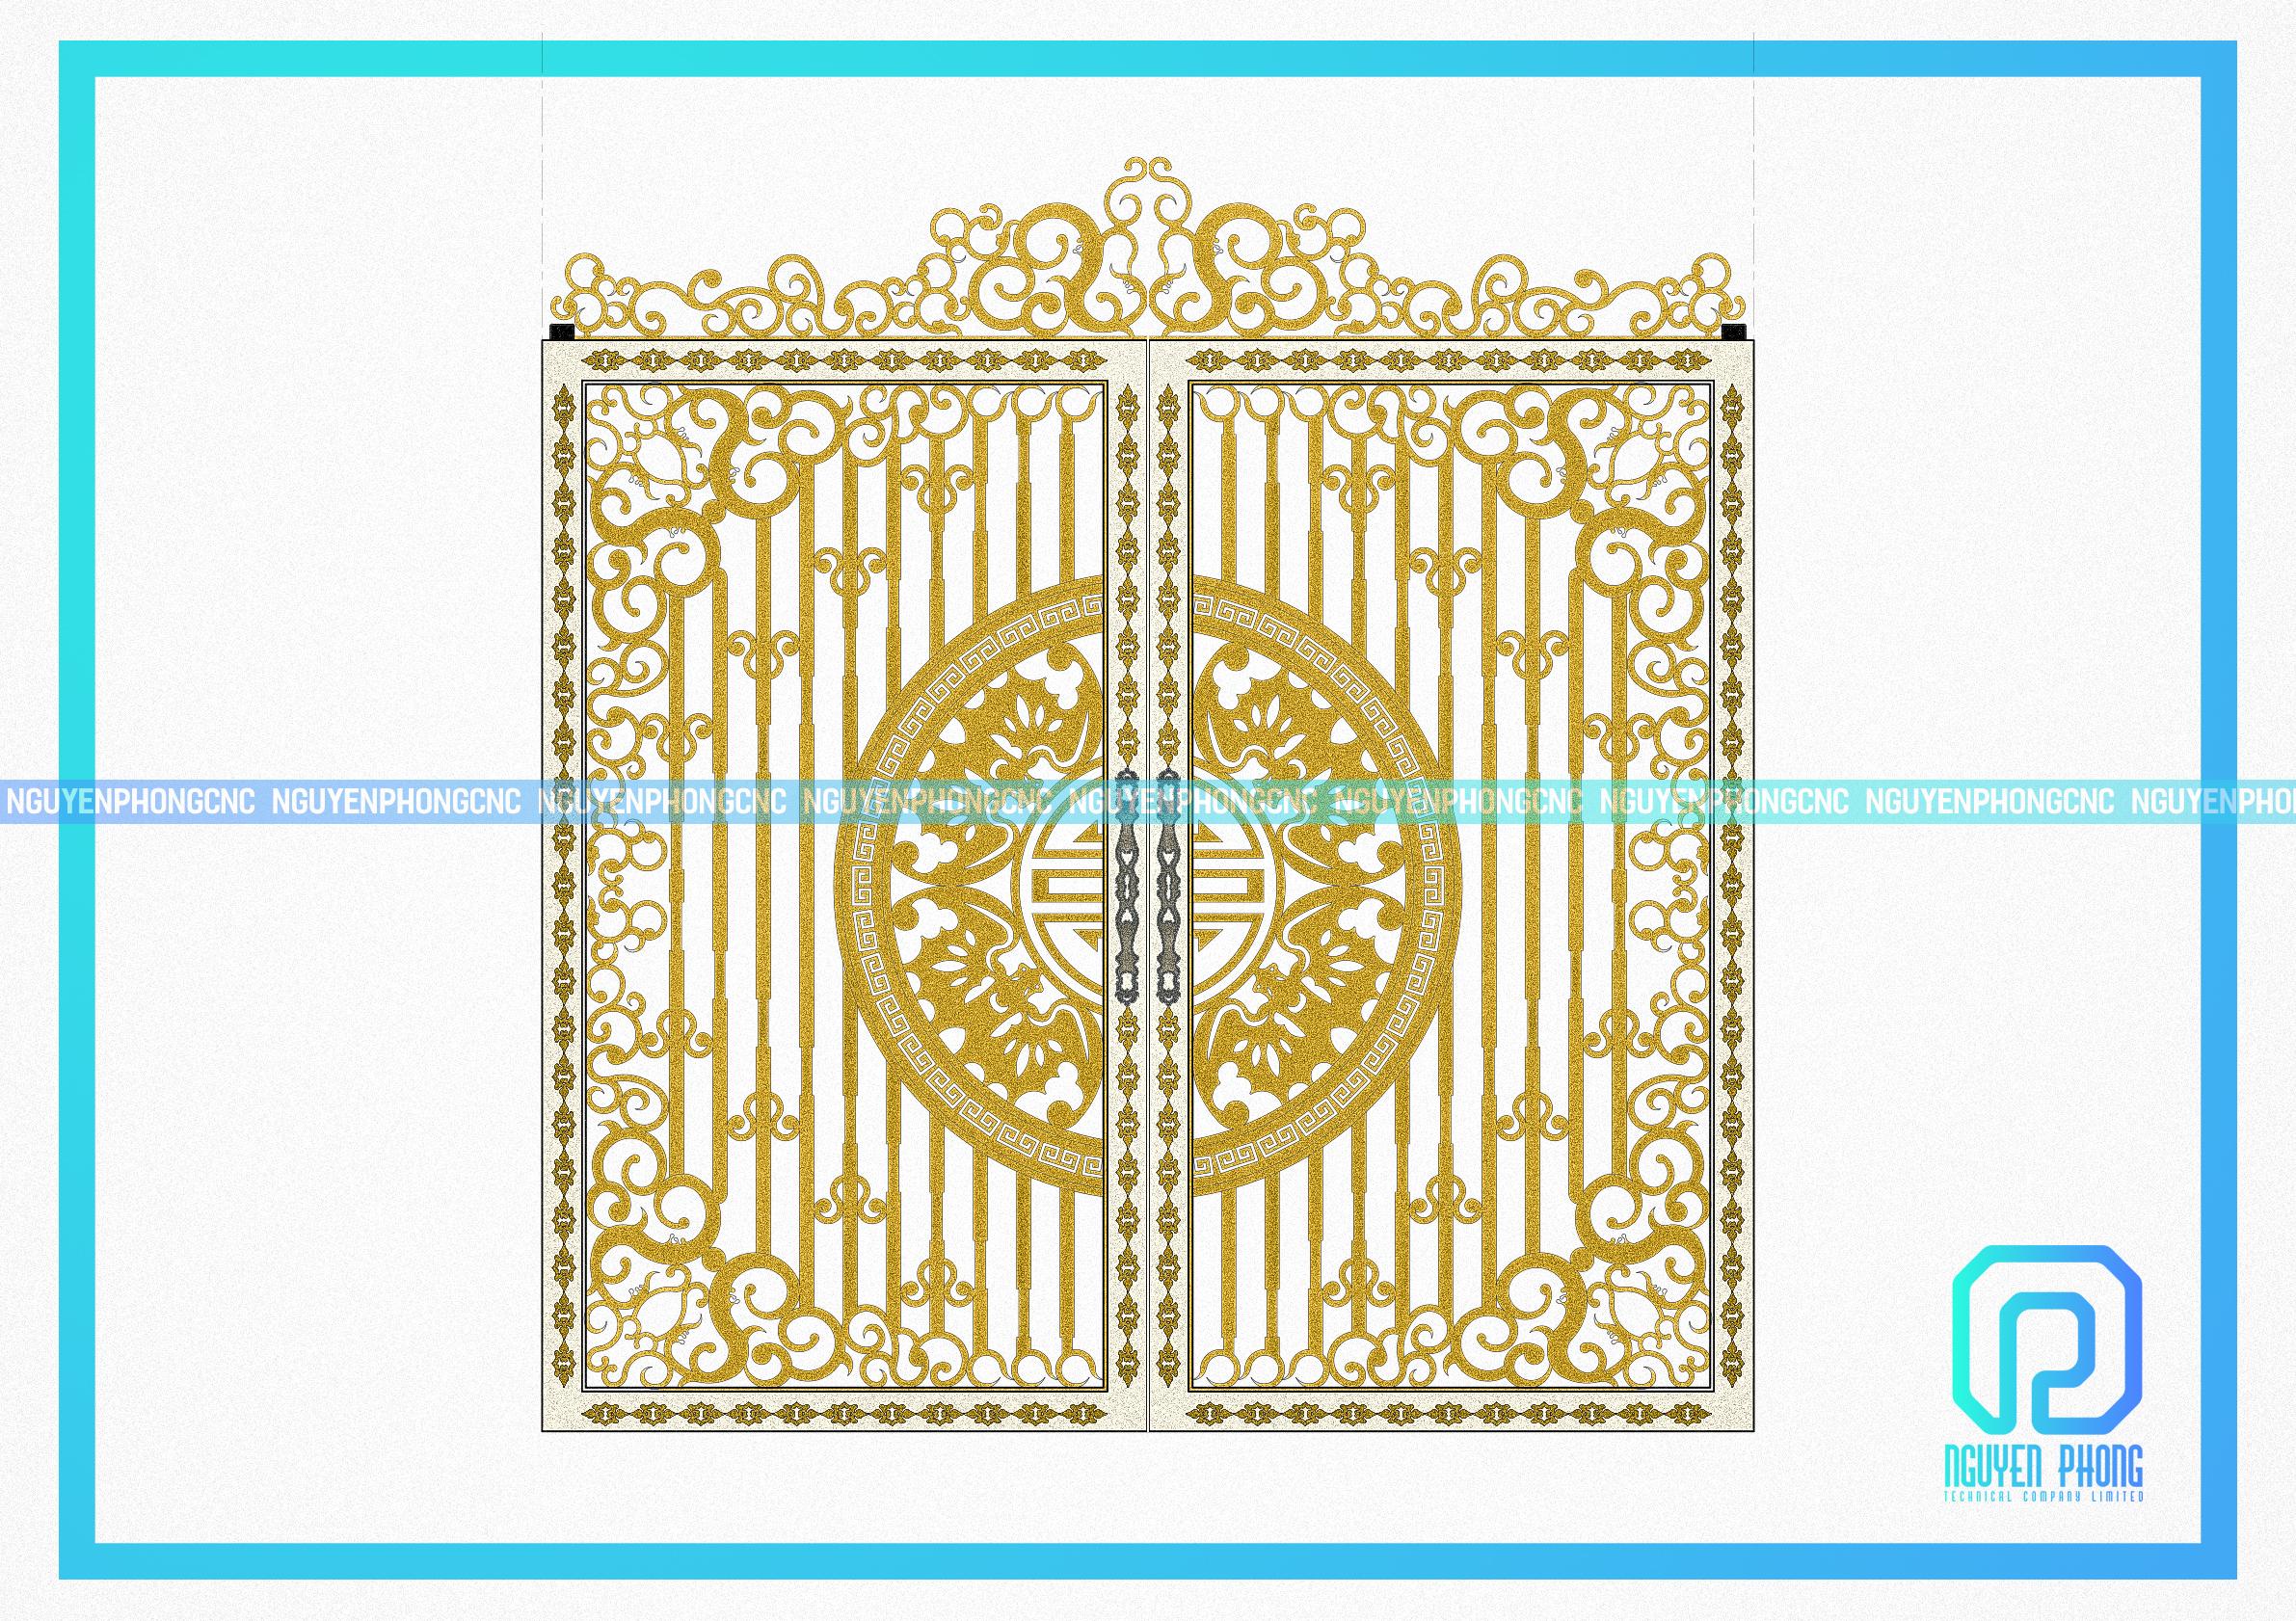 Thiết kế, gia công cổng sắt mỹ thuật cổ điển cho biệt thự, villa cao cấp, sang trọng